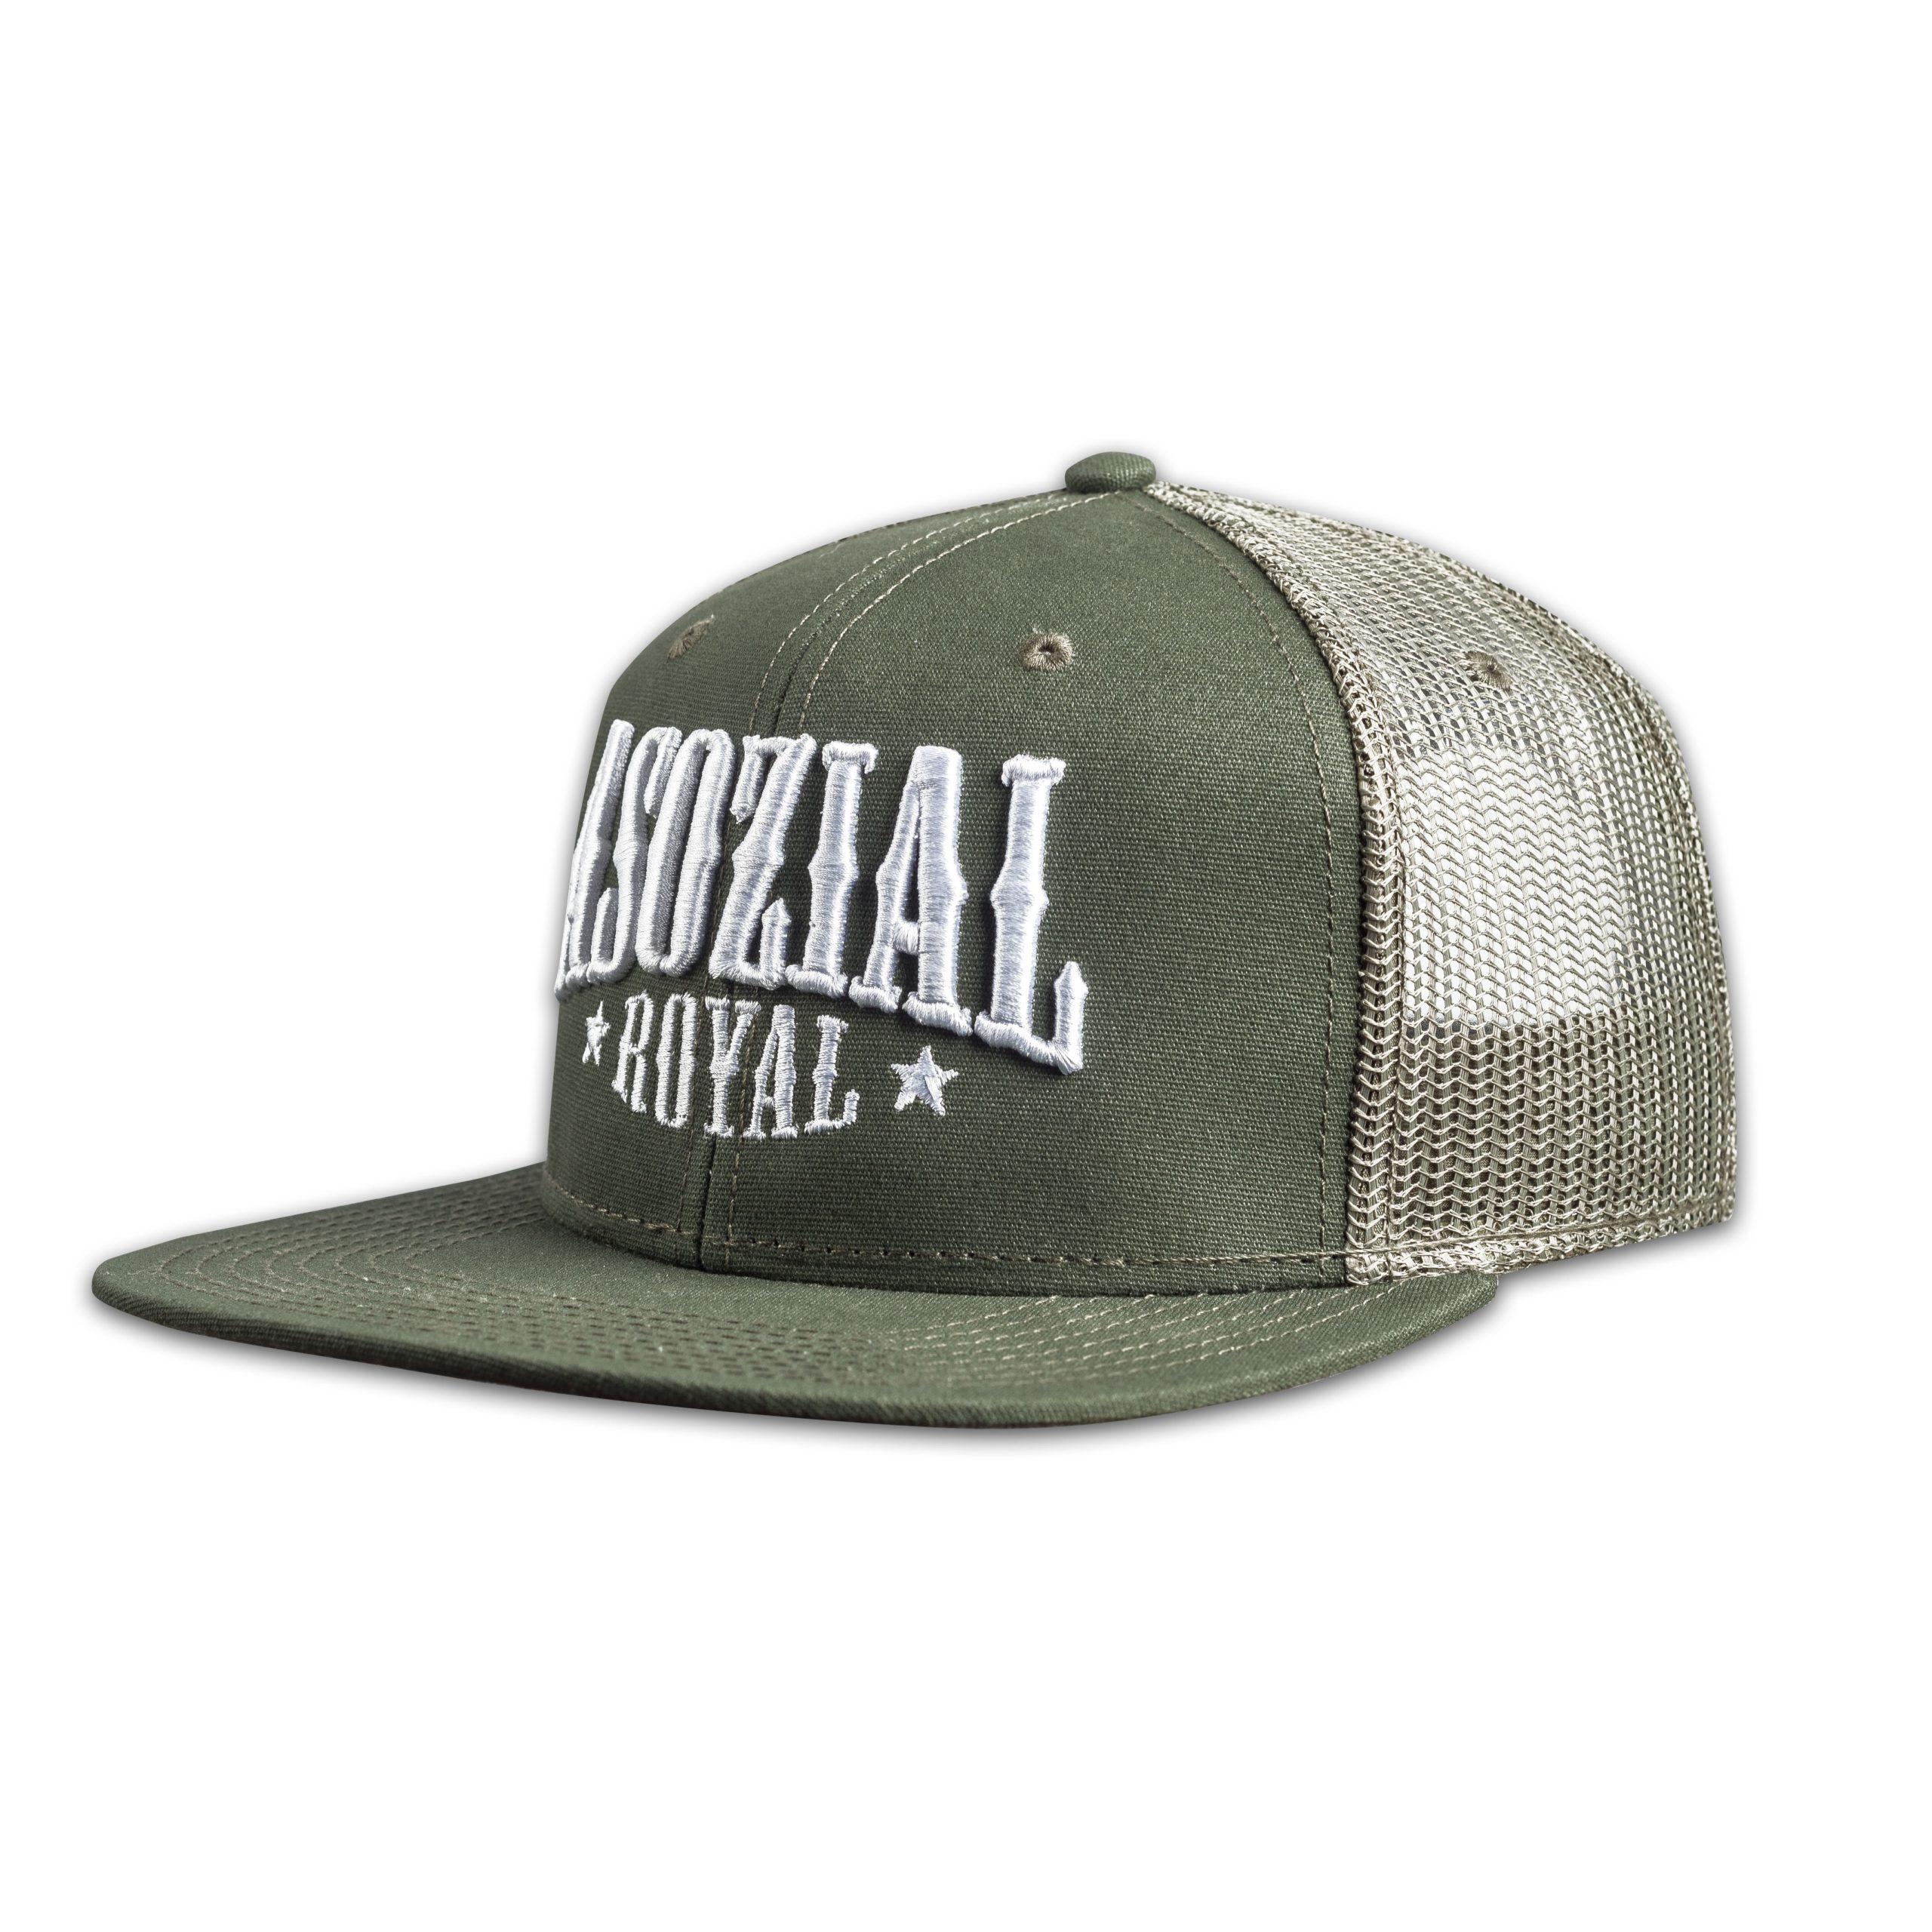 Snapback Cap Asozial Royal Rot